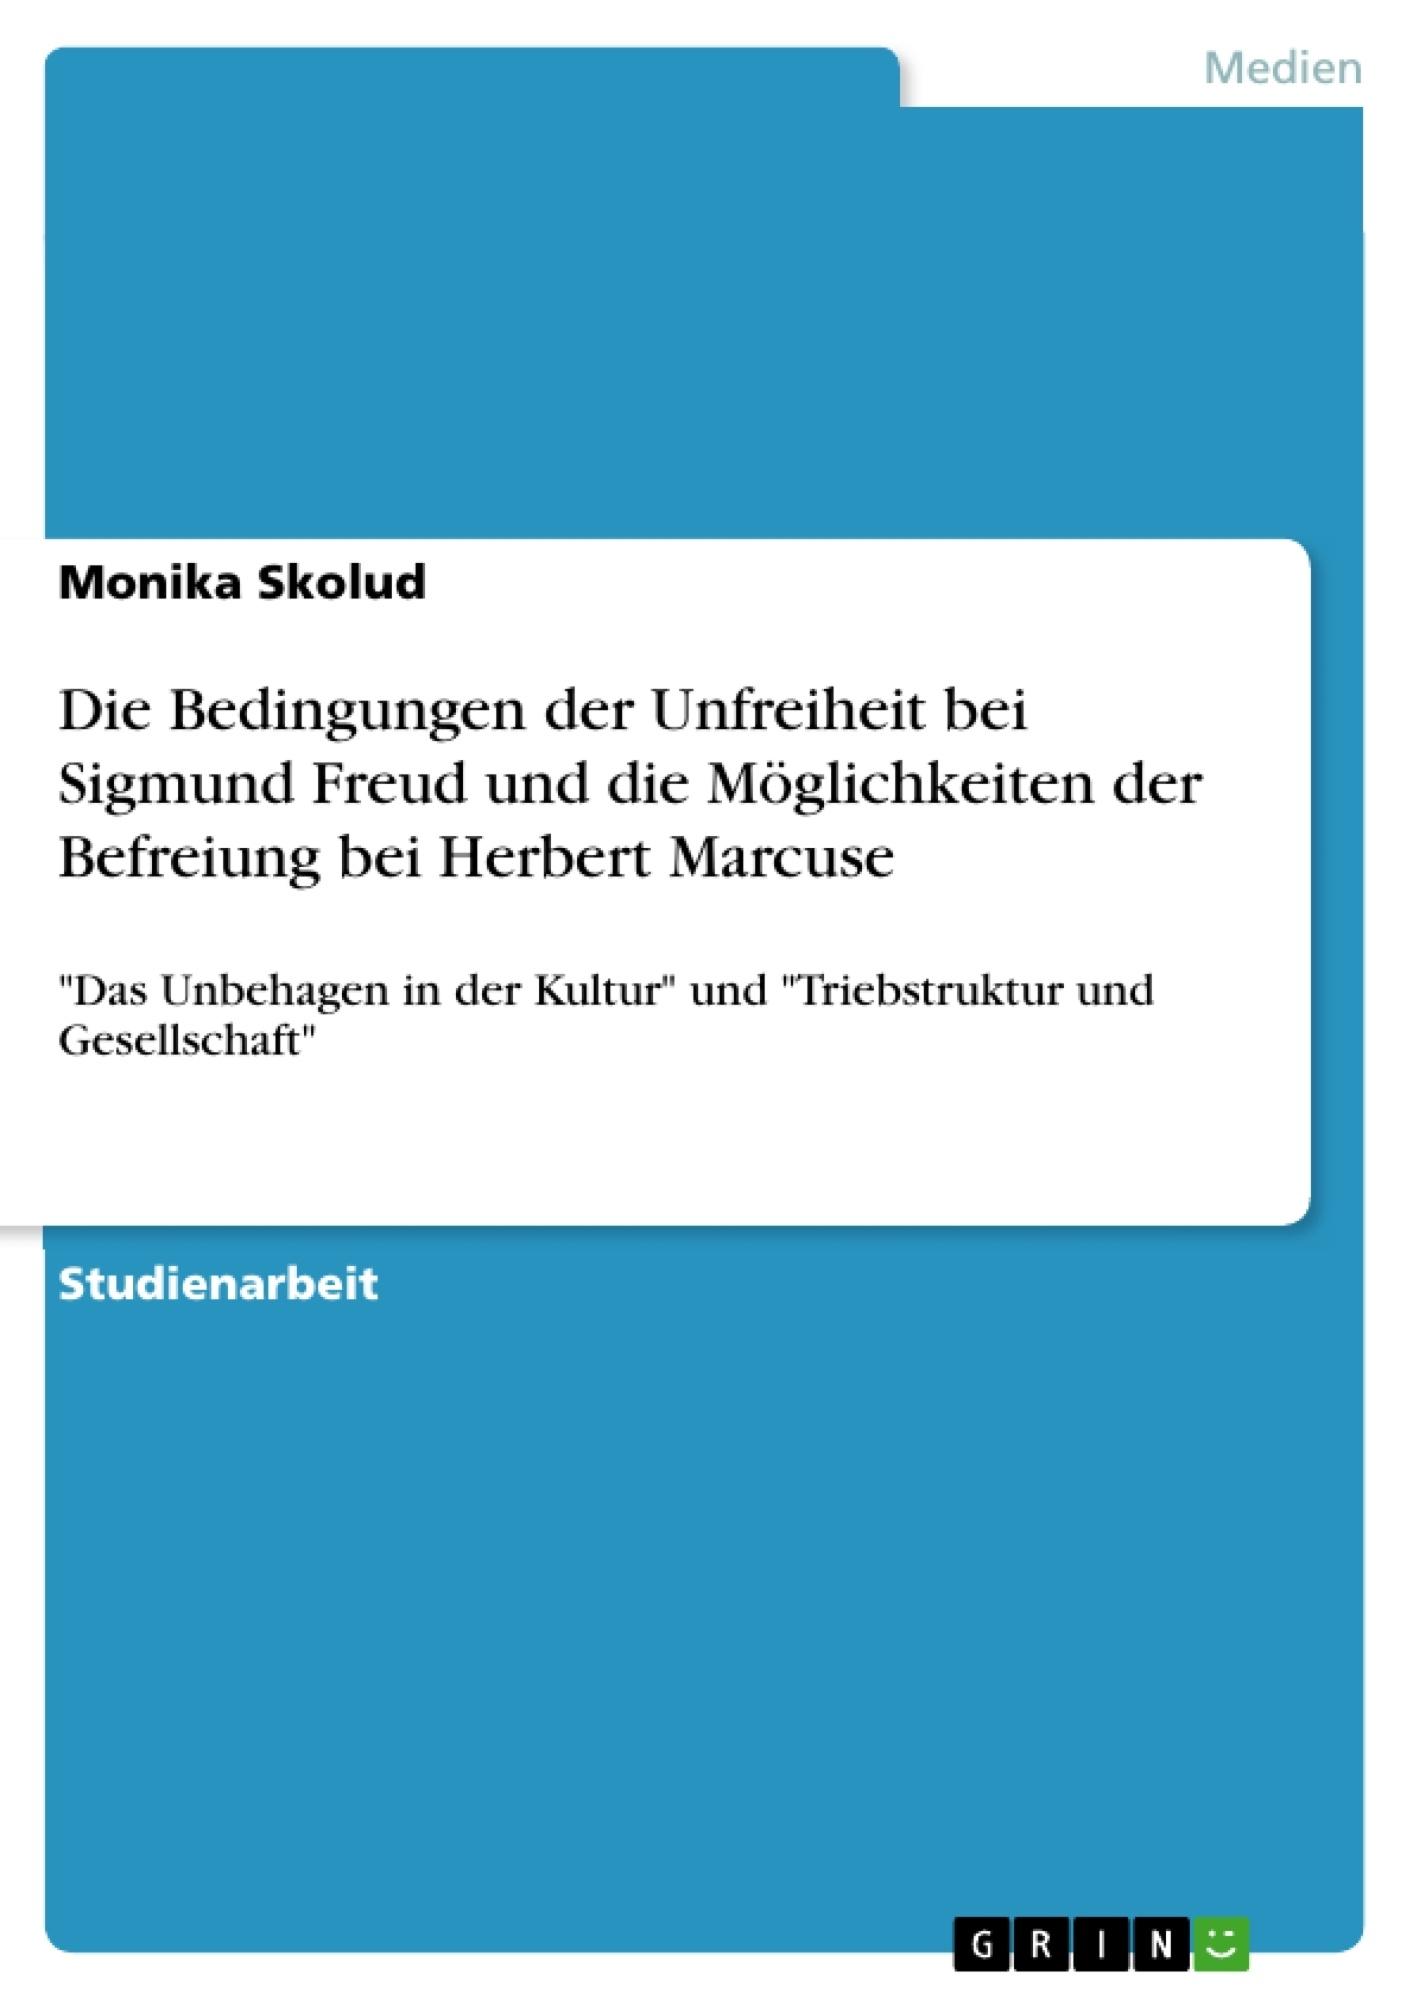 Titel: Die Bedingungen der Unfreiheit bei Sigmund Freud und die Möglichkeiten der Befreiung bei Herbert Marcuse